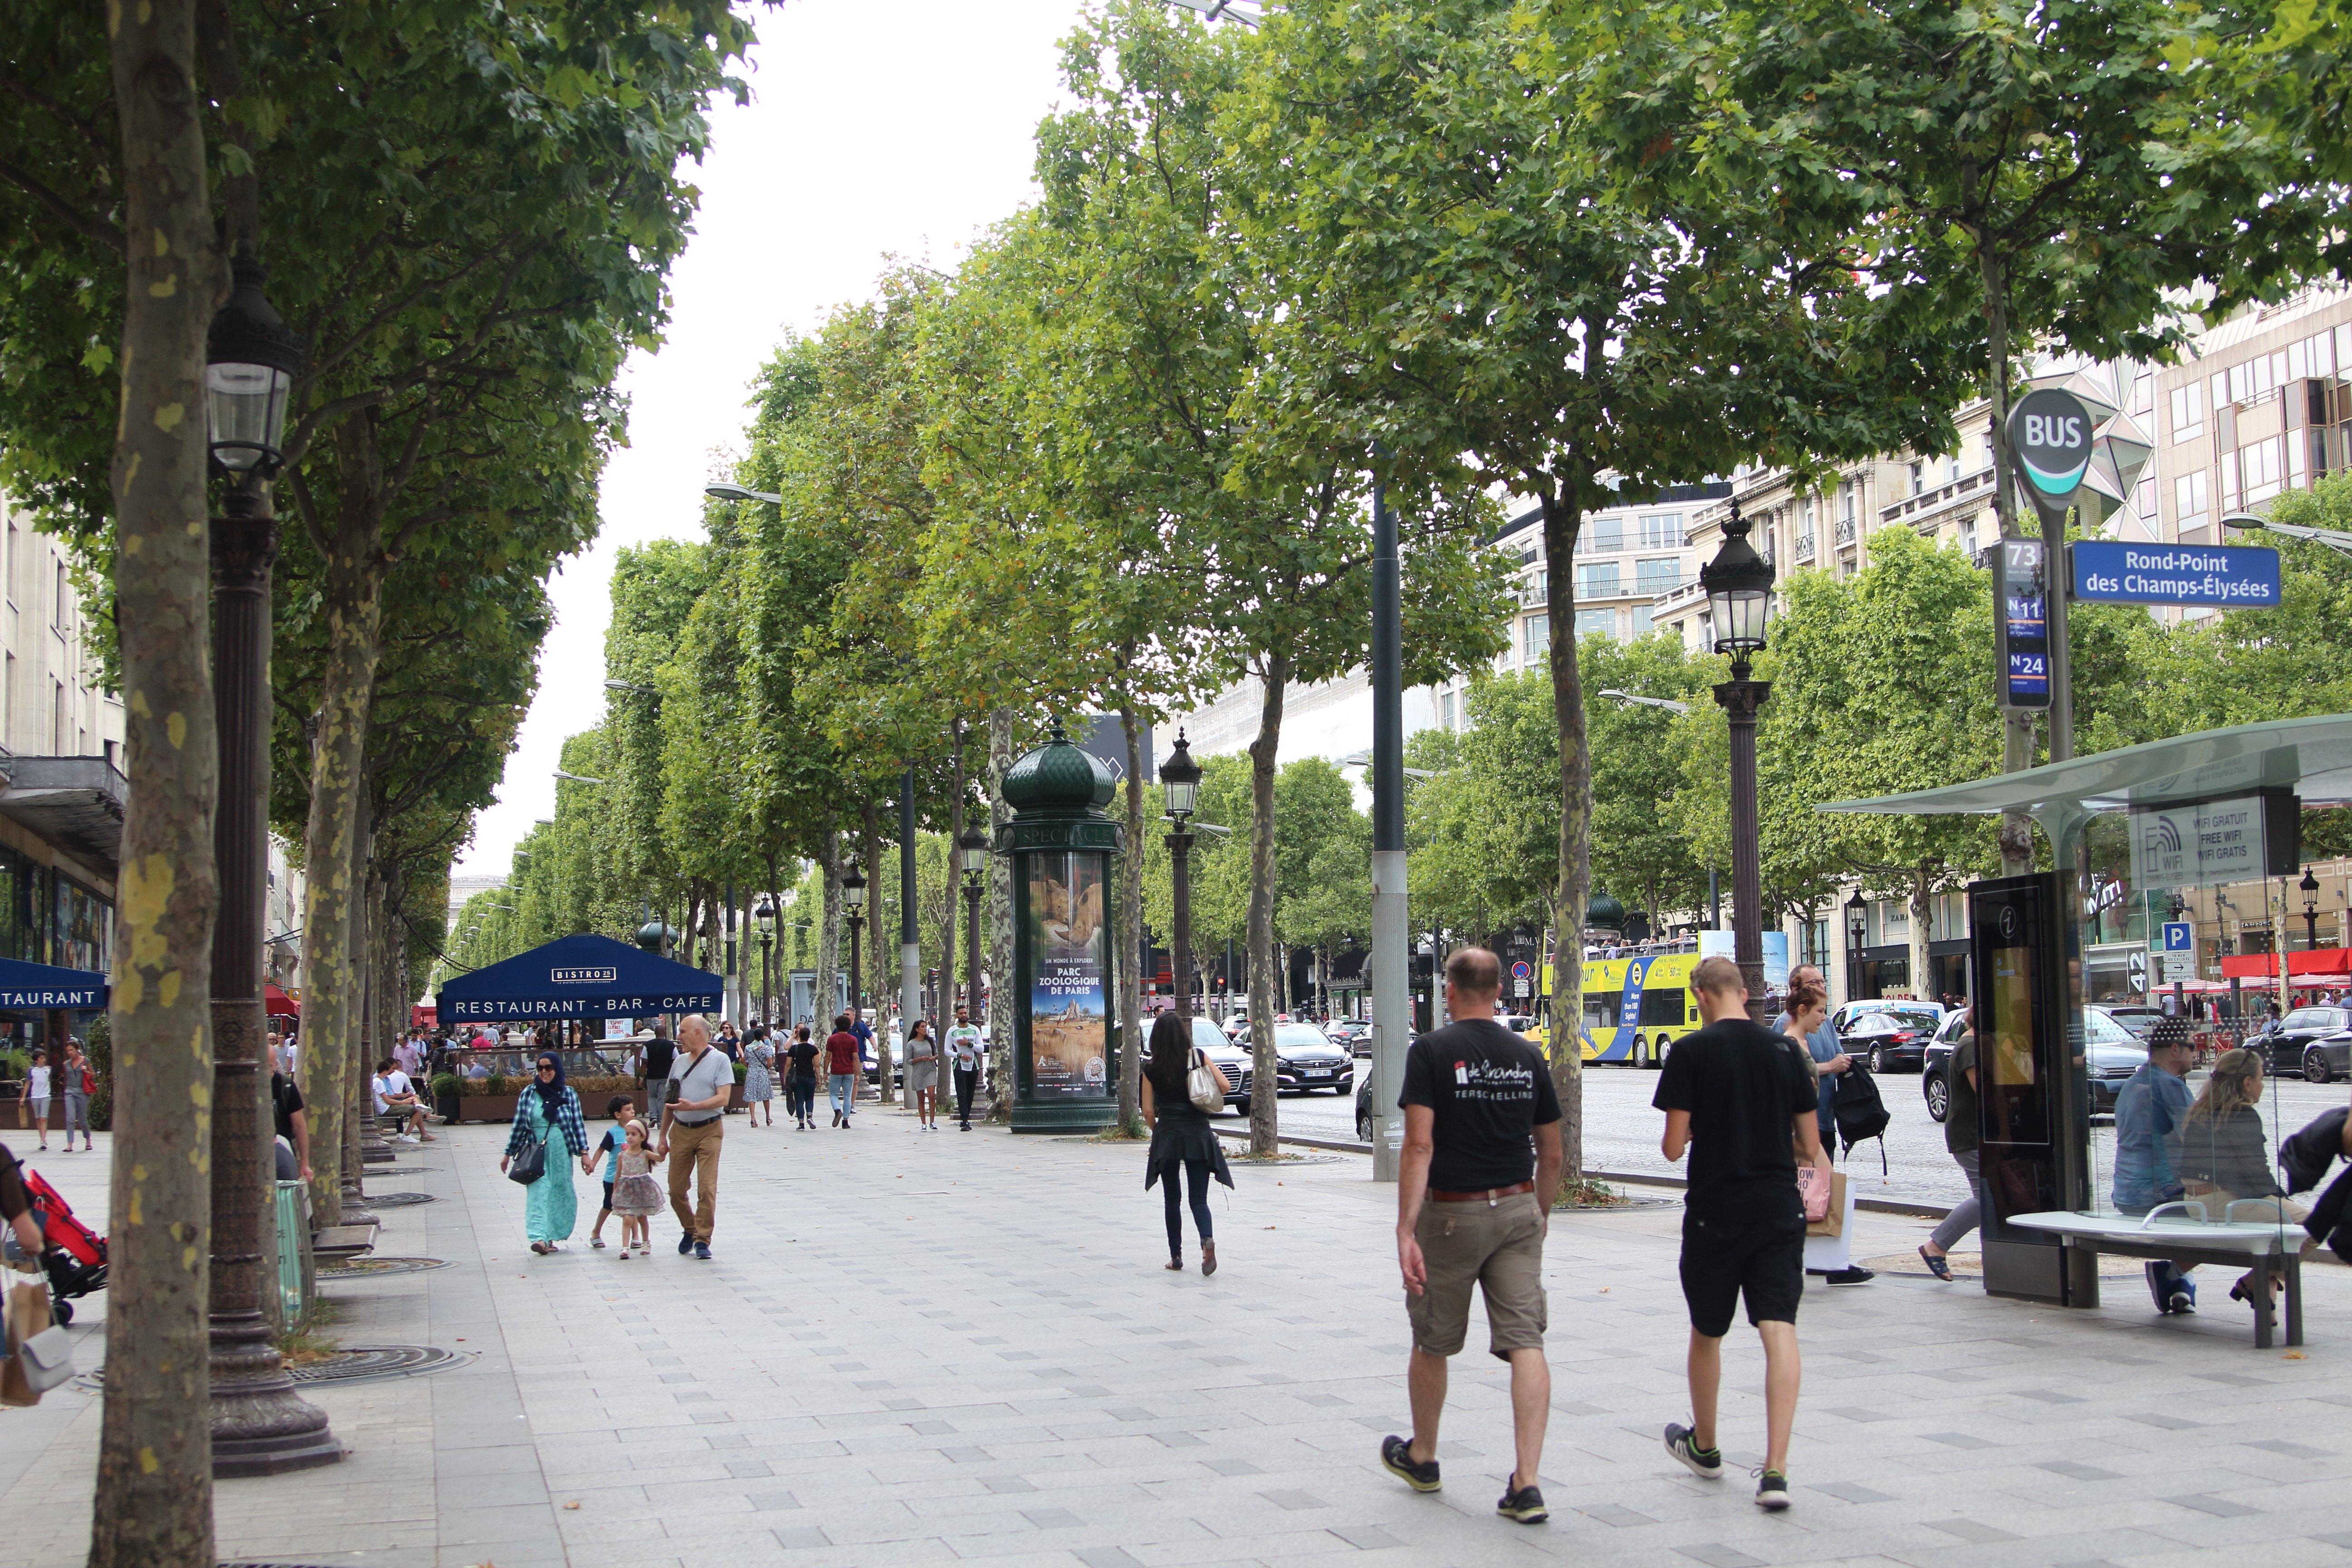 2017 法國14天自由行 巴黎/南法普羅旺斯/蒙特利埃/亞爾/亞維儂/卡爾卡松